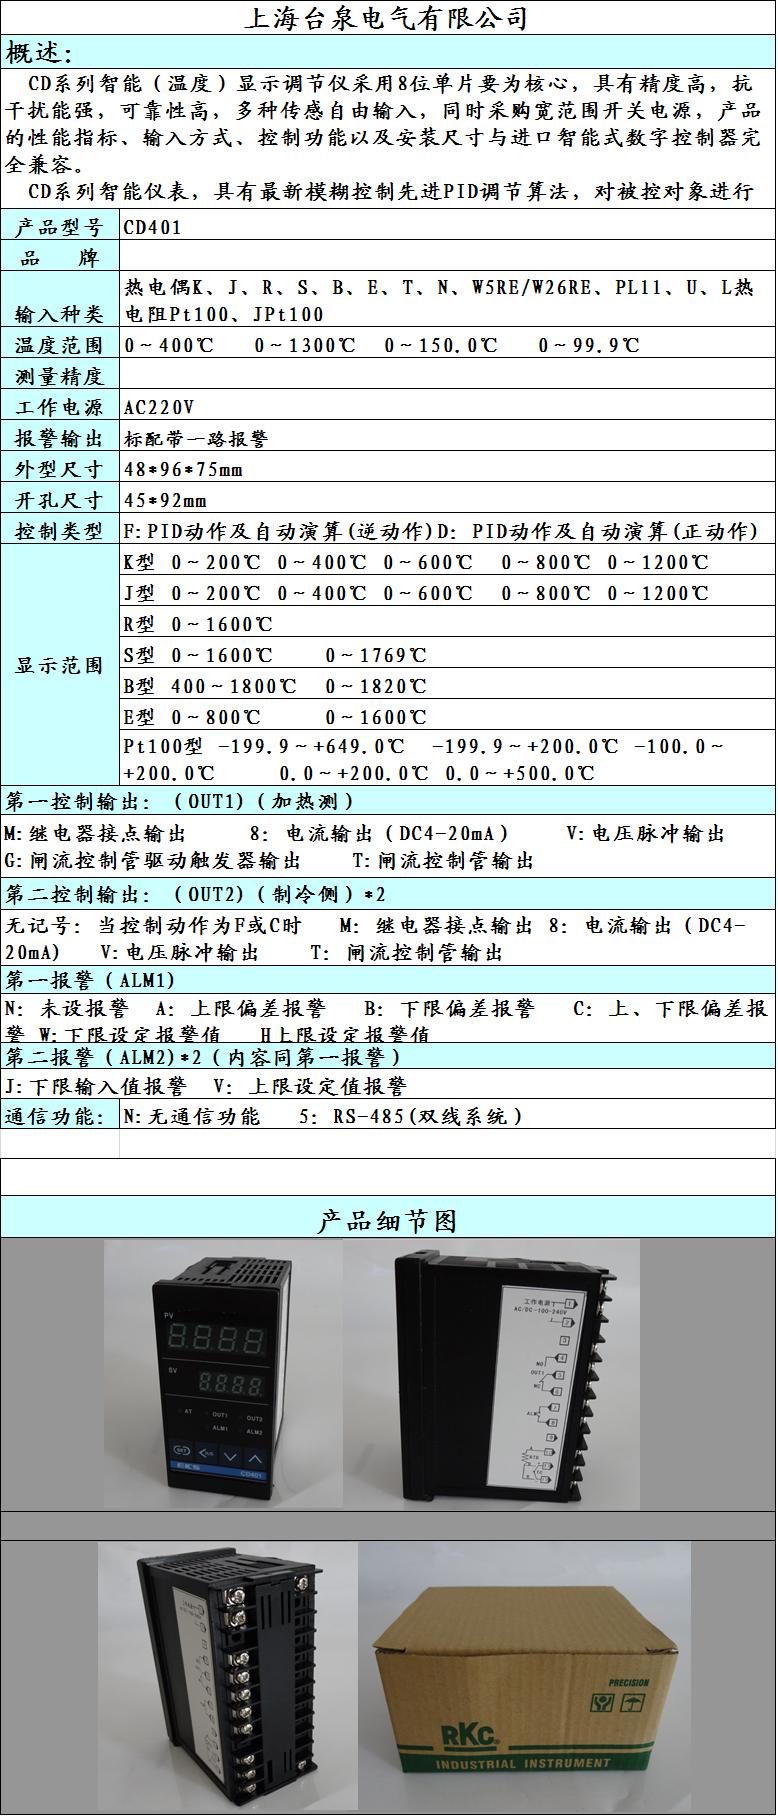 cd系列智温度调节仪